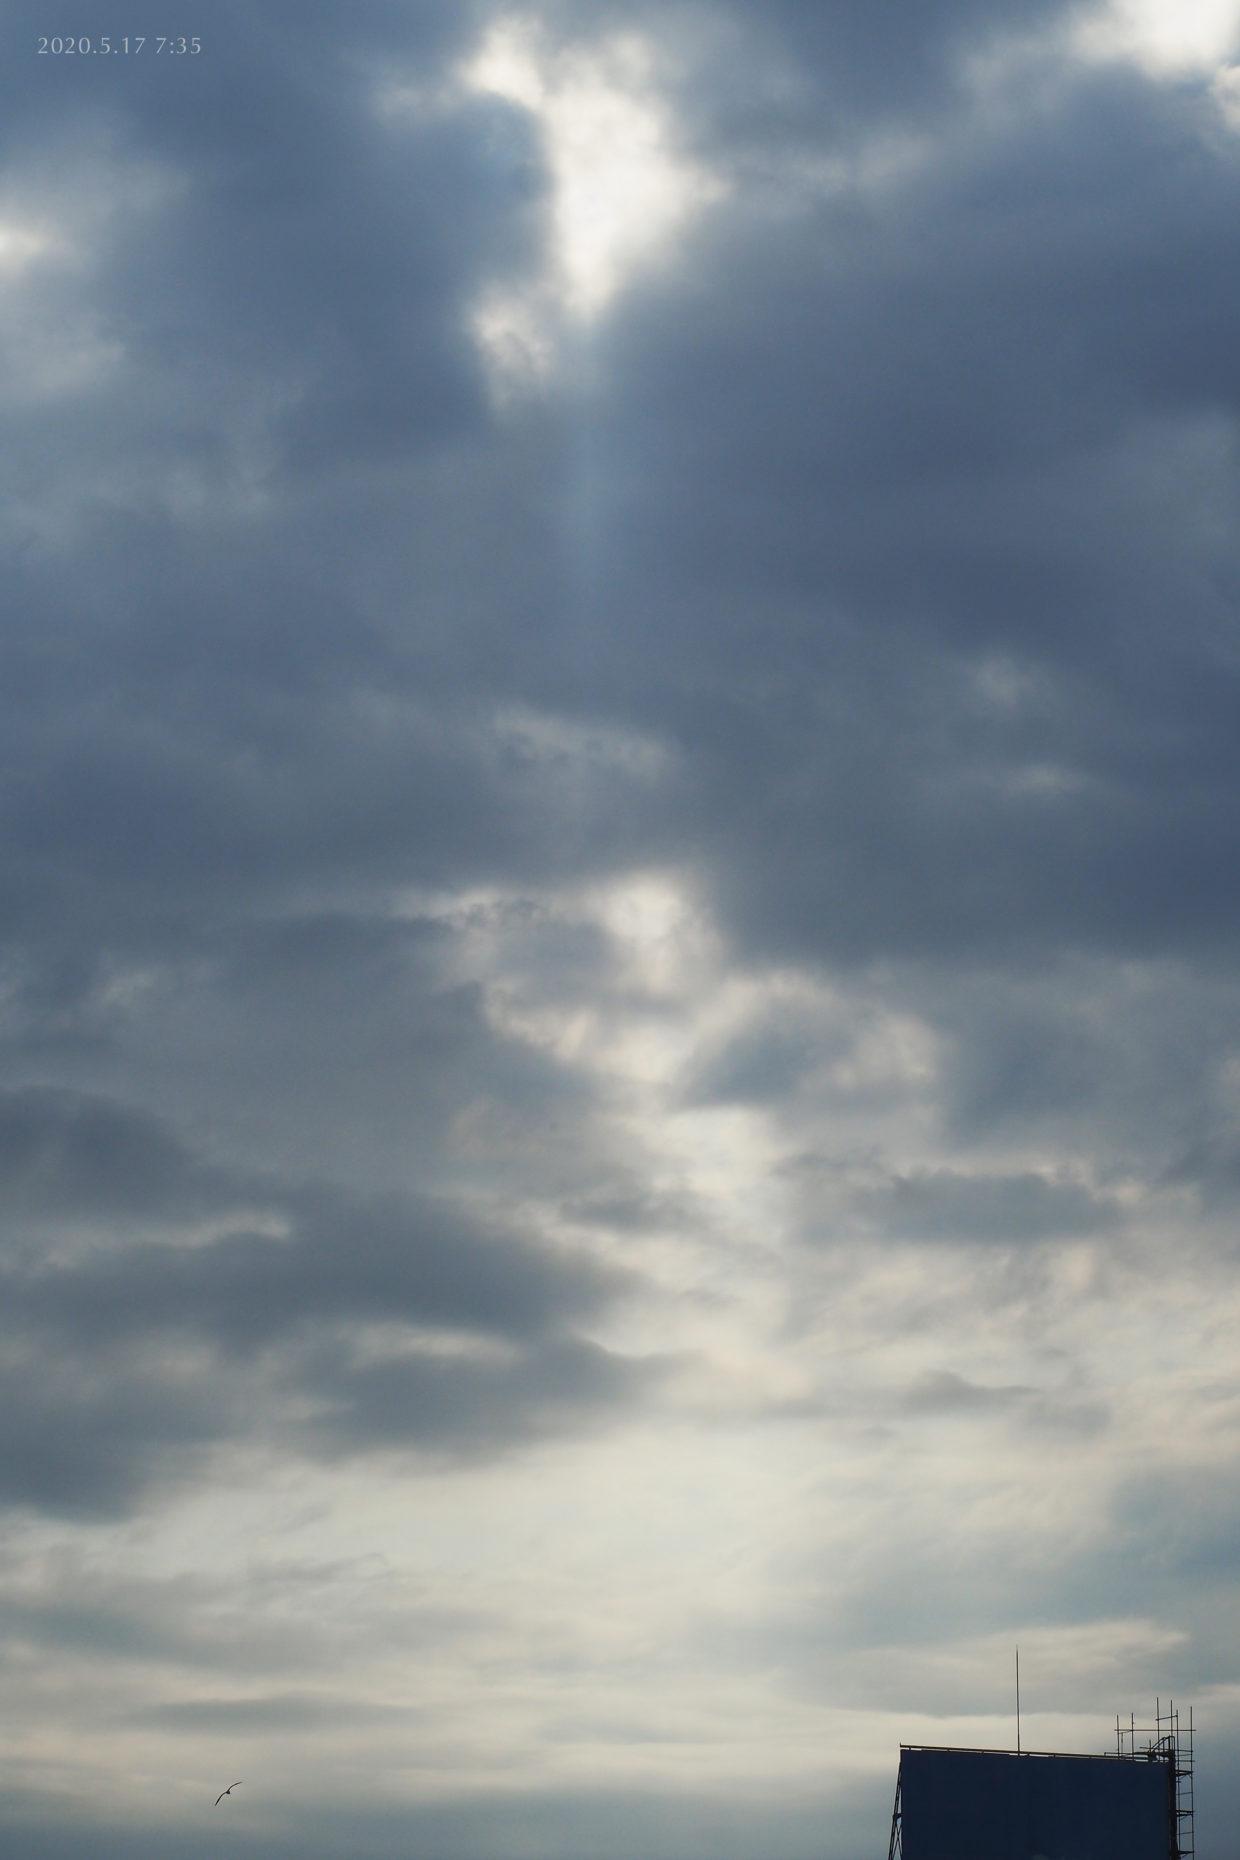 My skies 2020.4.17